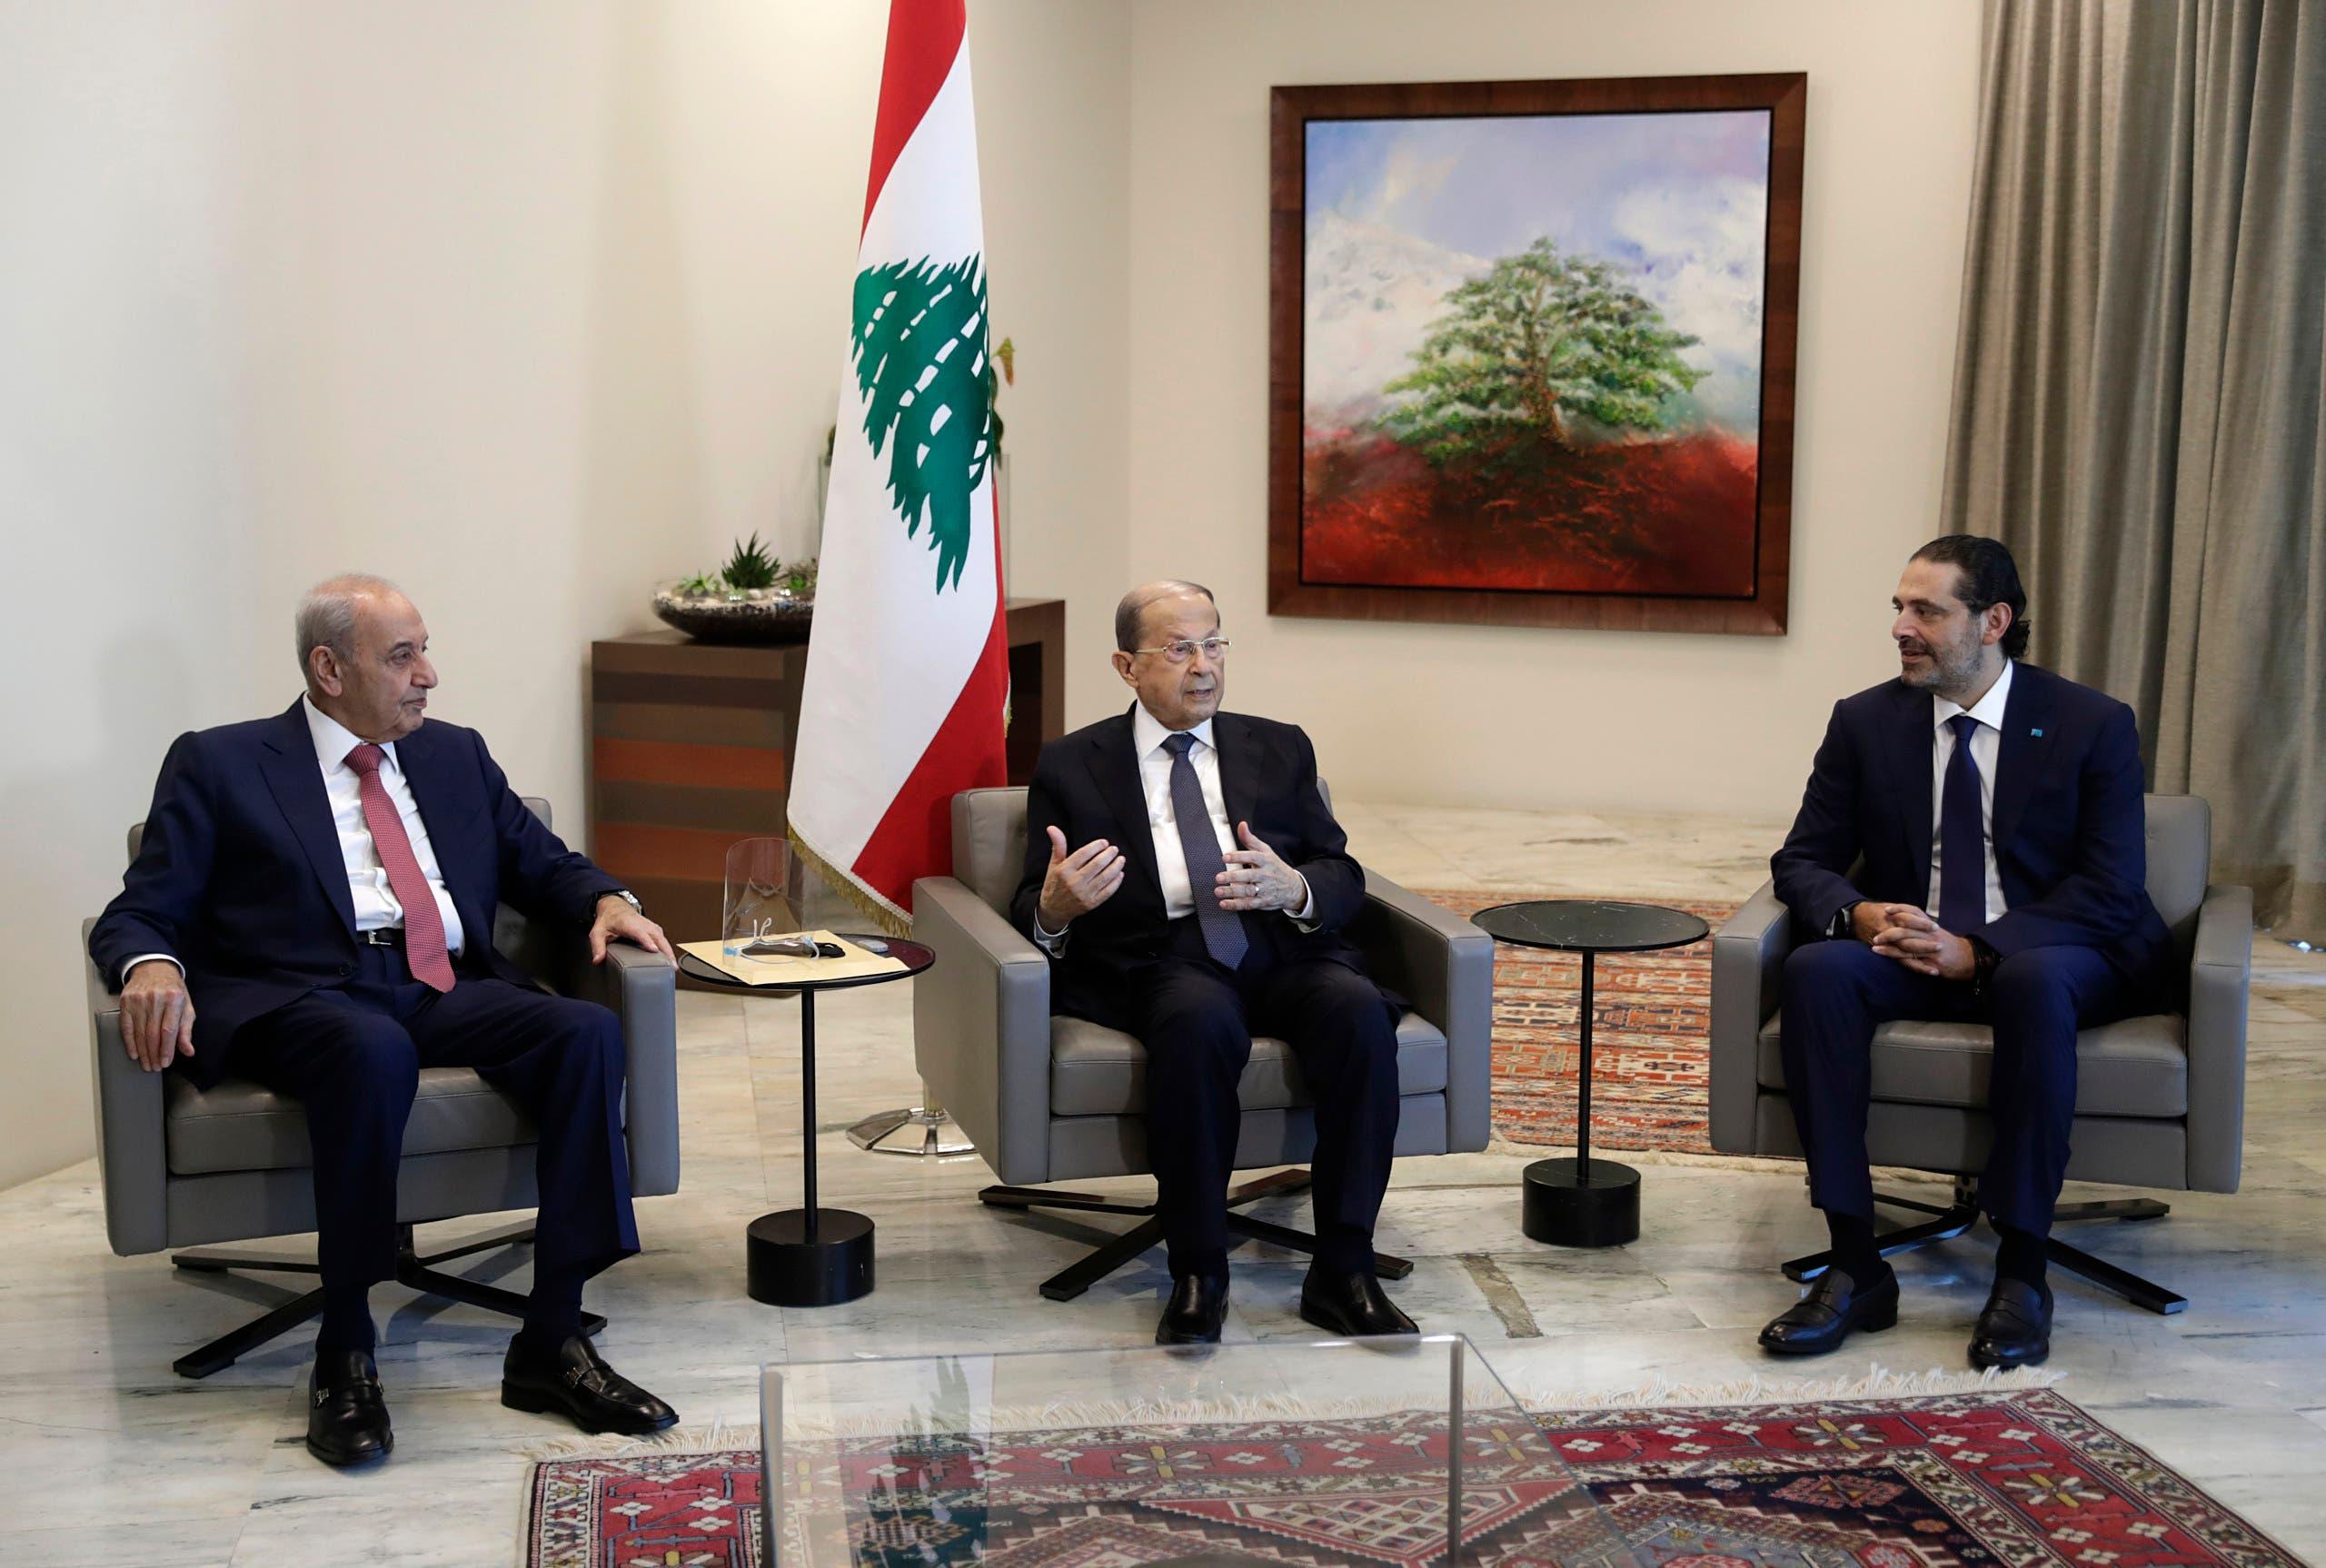 الرئاسات اللبنانية الثلاث في بعبدا (أرشيفية- أسوشييتد برس)